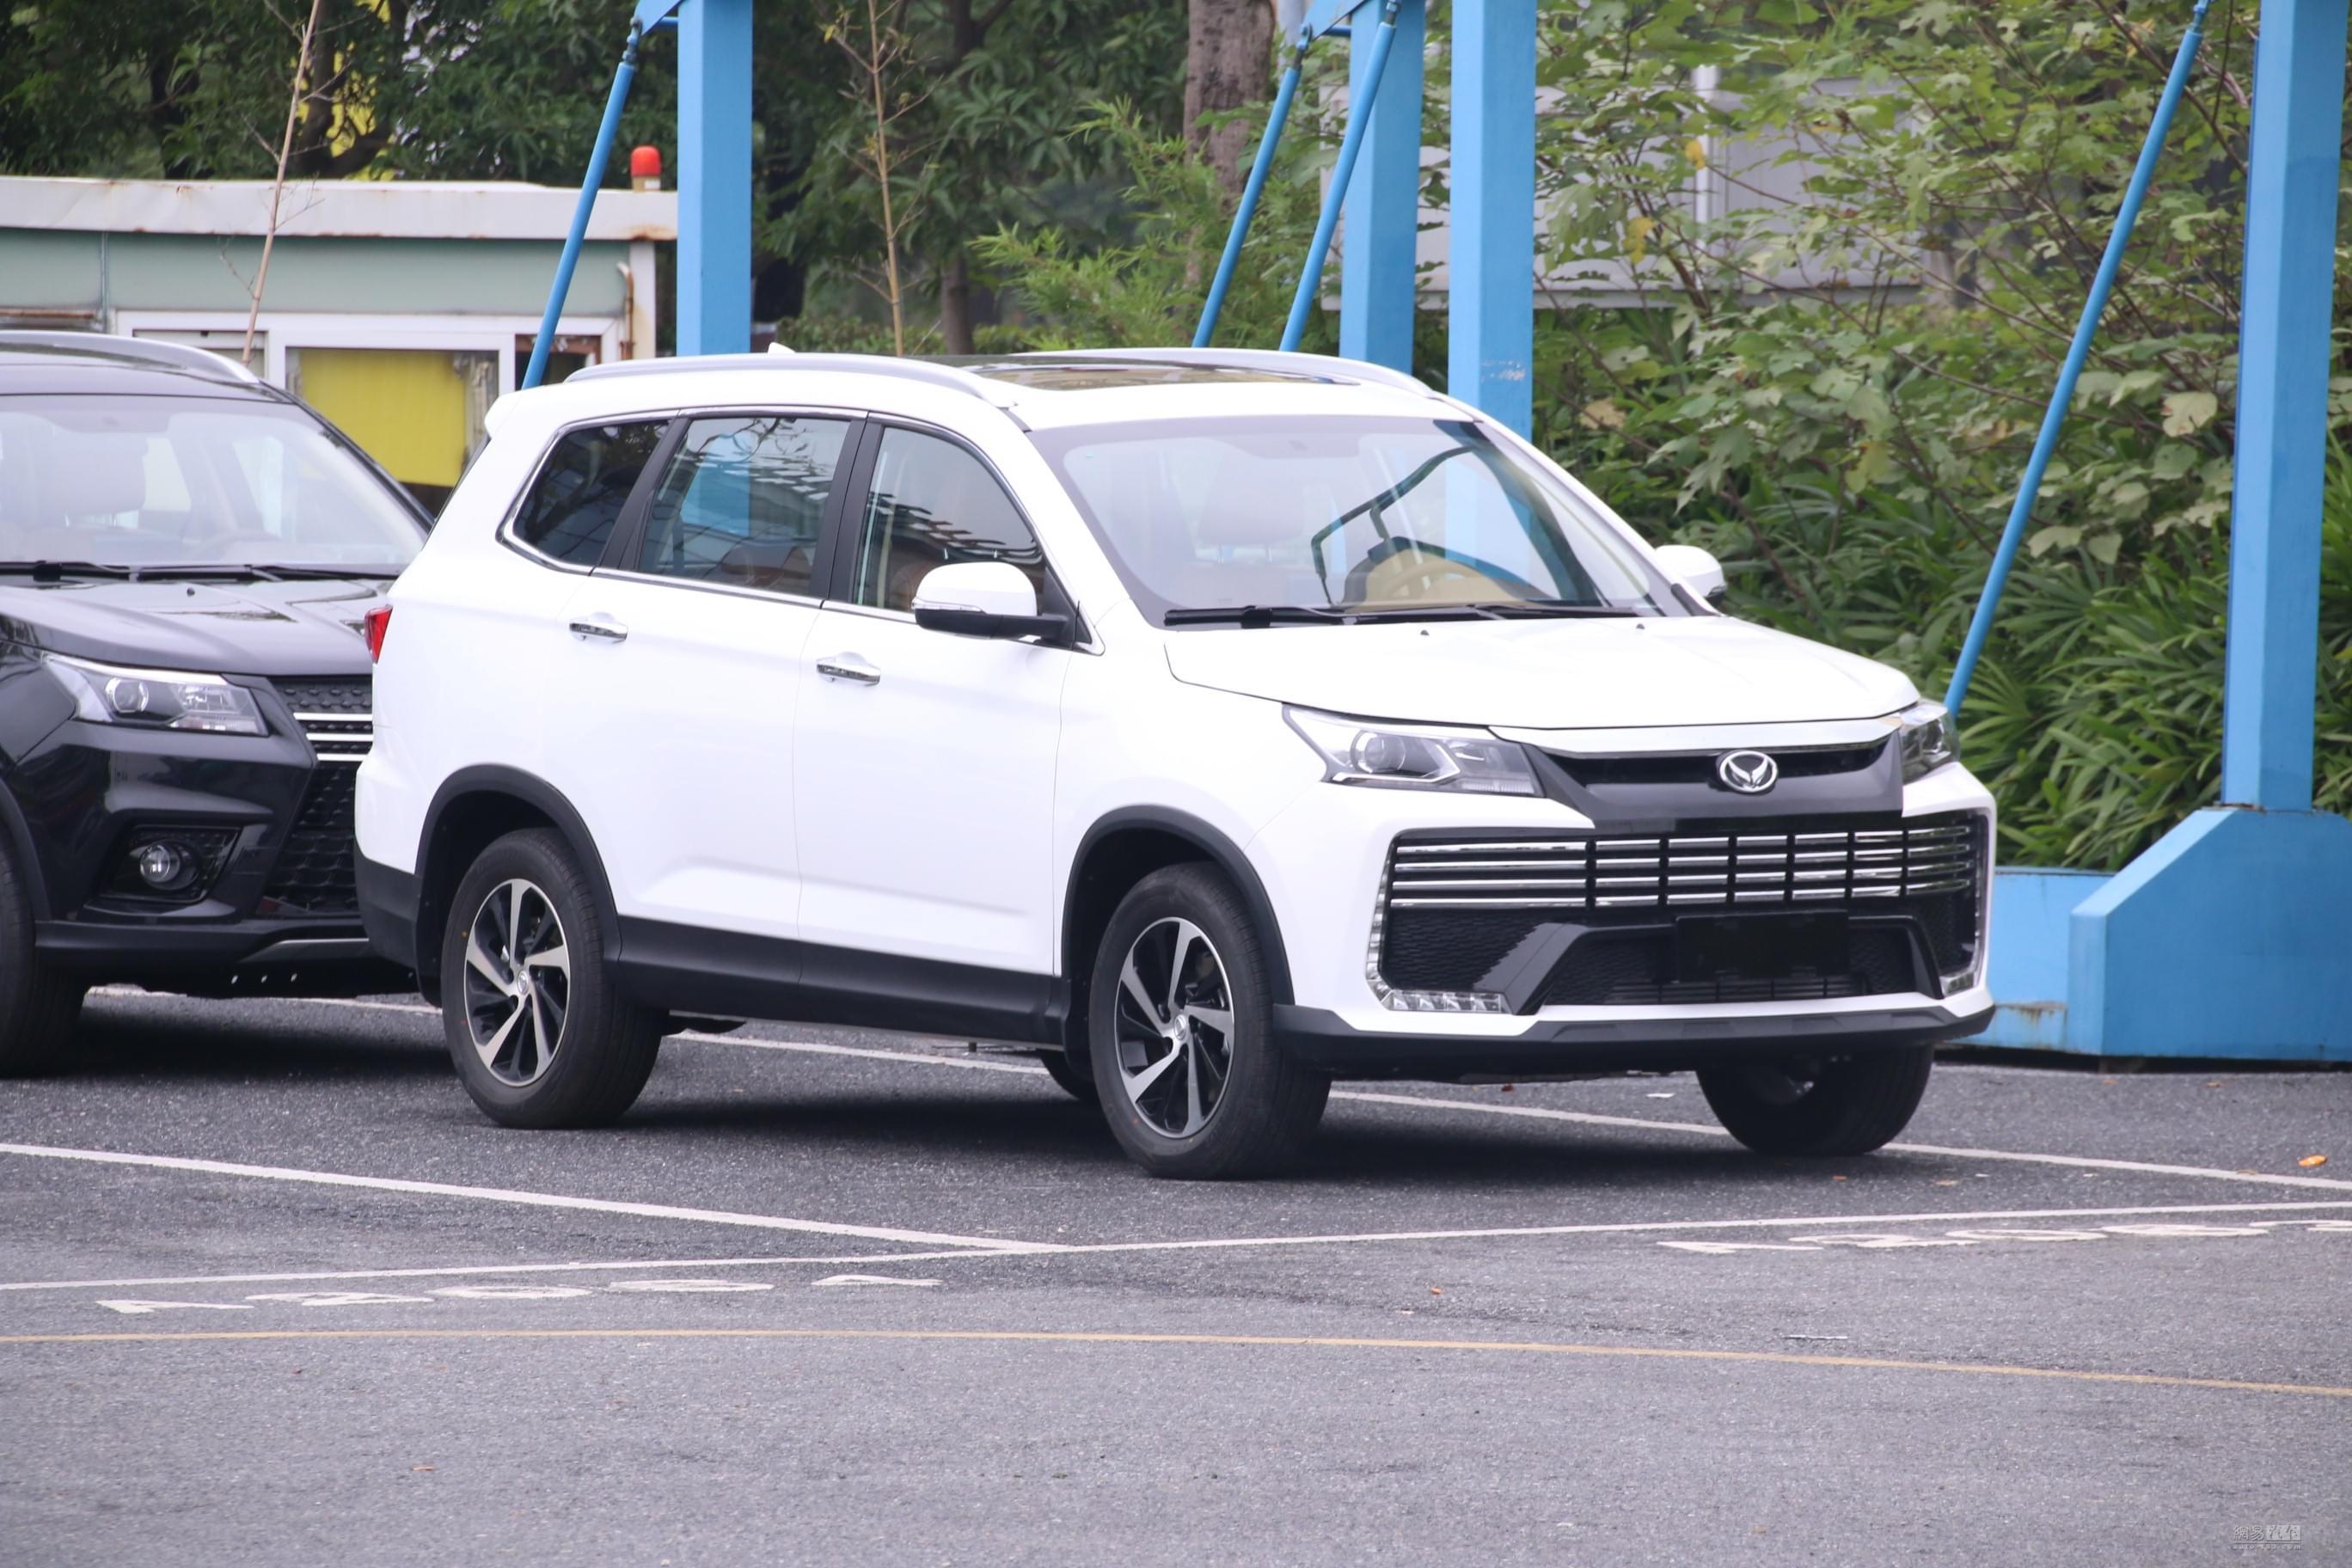 7座SUV/即将上市 北汽幻速S7实车亮相